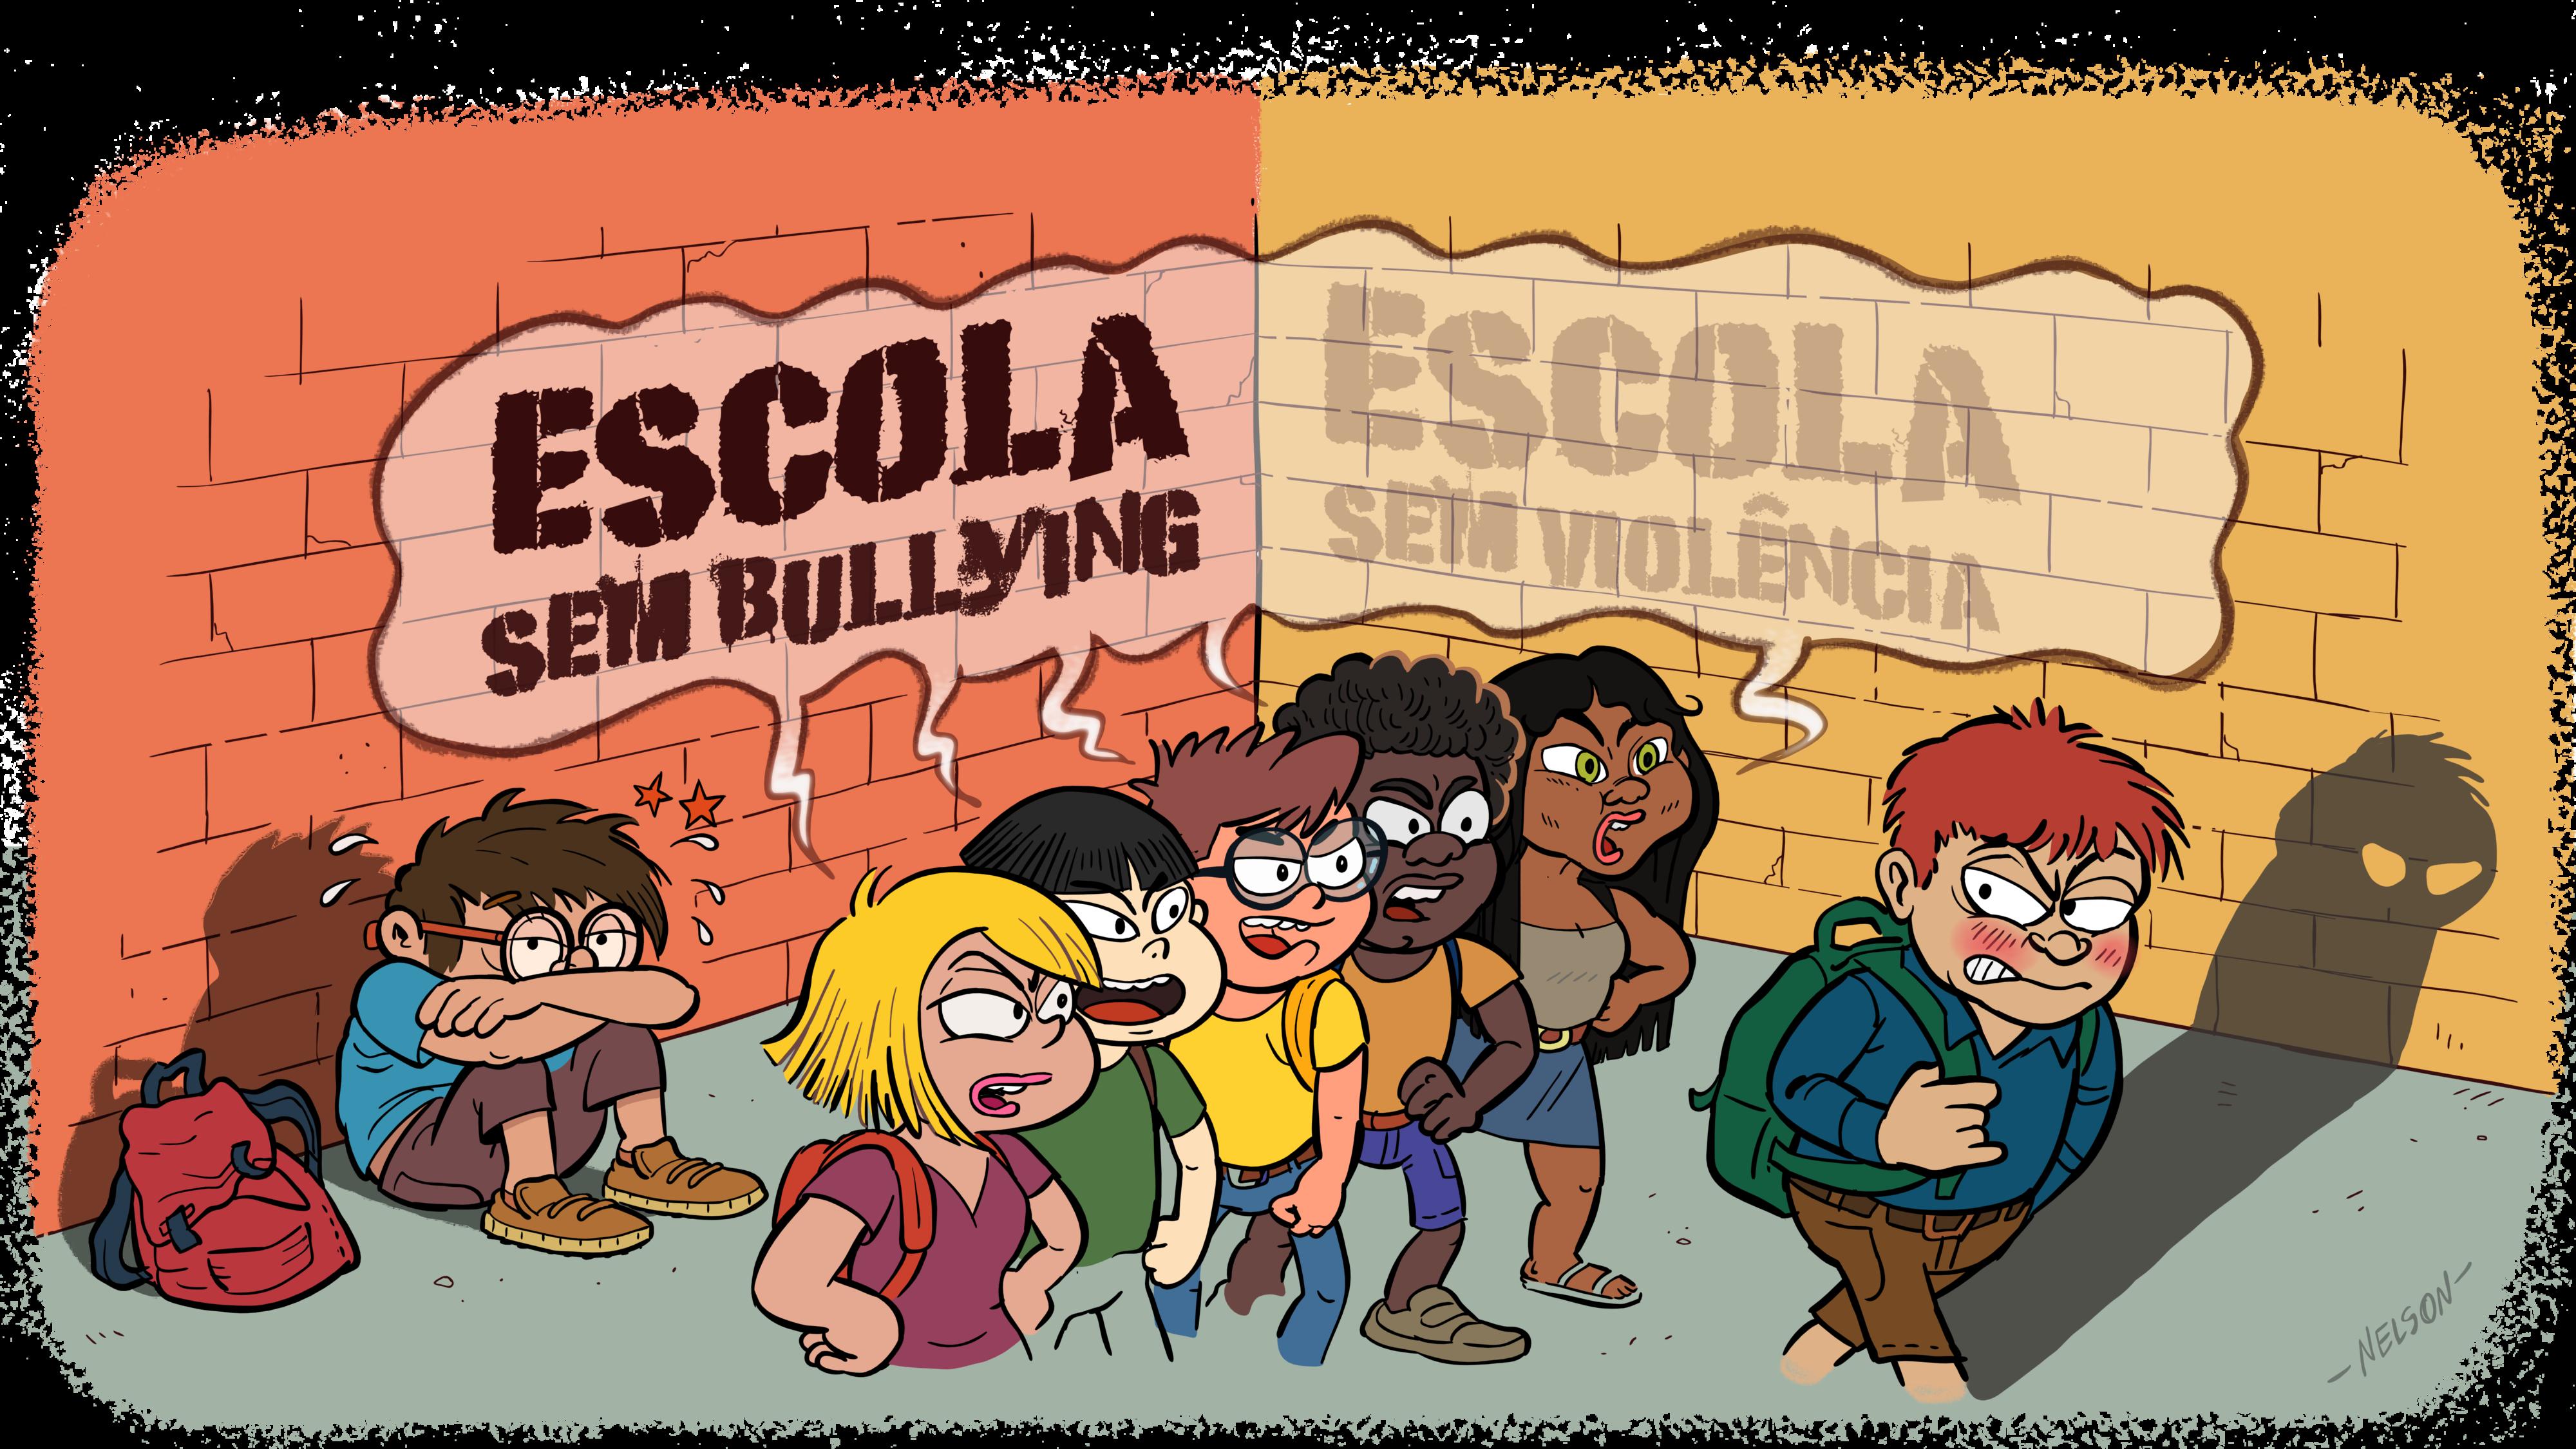 Escola Sem Bullying | Escola Sem Vio